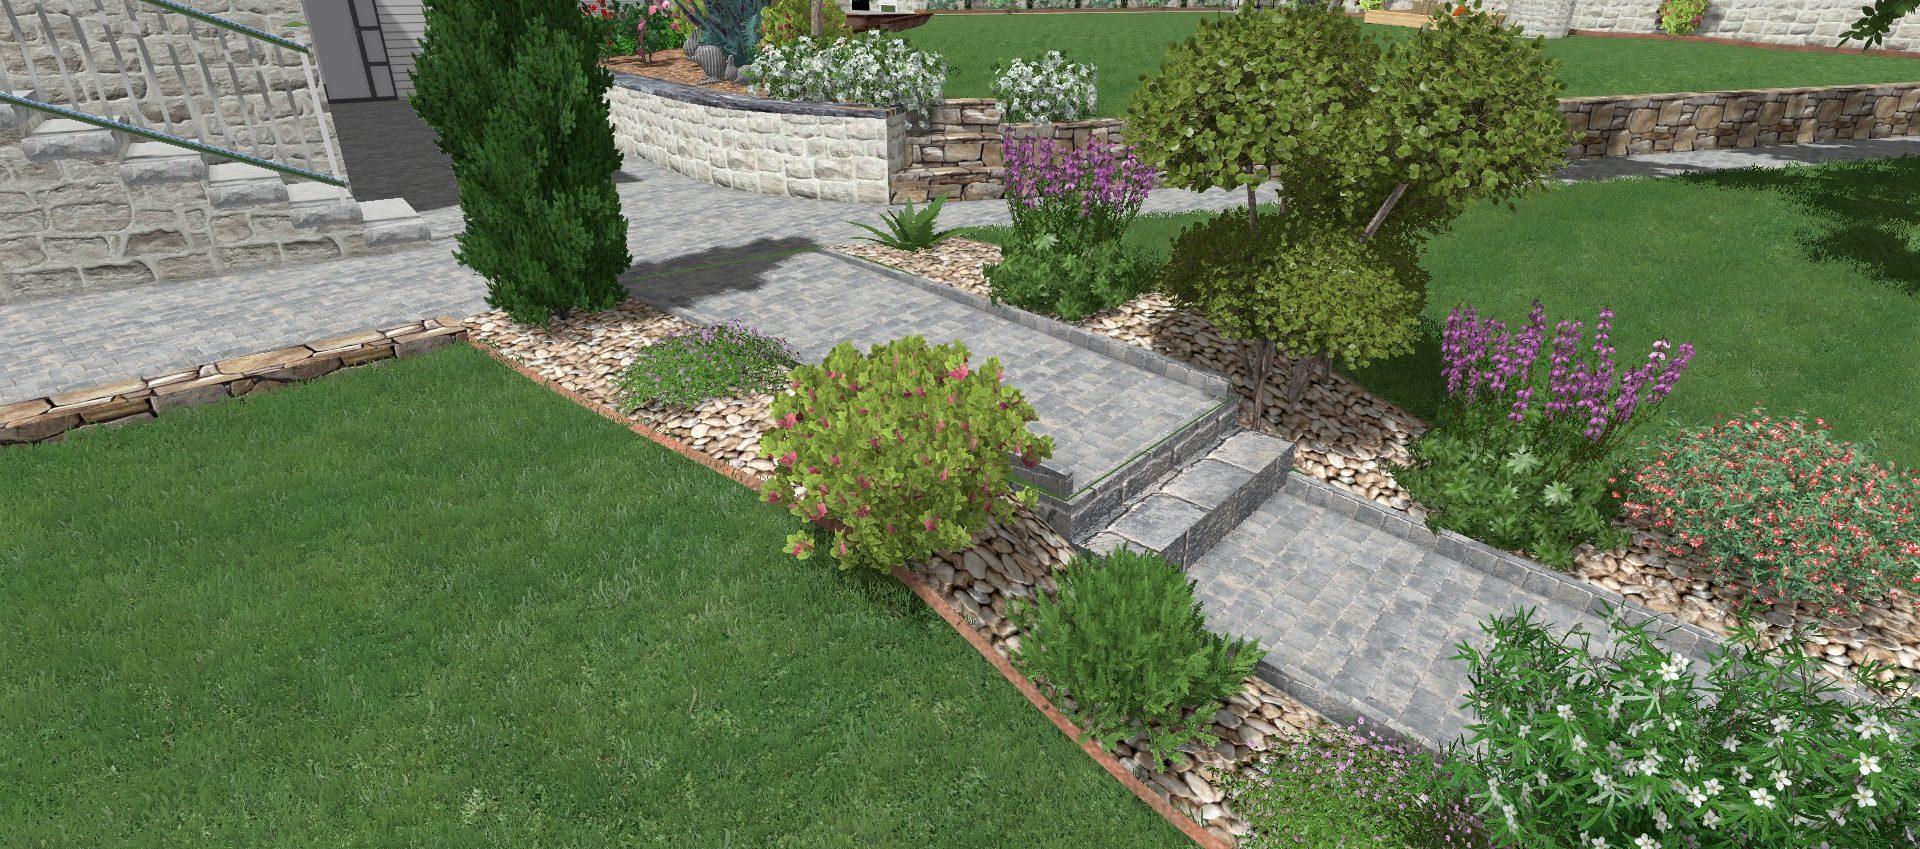 Colver créateur jardin paysagiste oise noyon compiègne plan rénovation dessin étude paysagère escalier allée